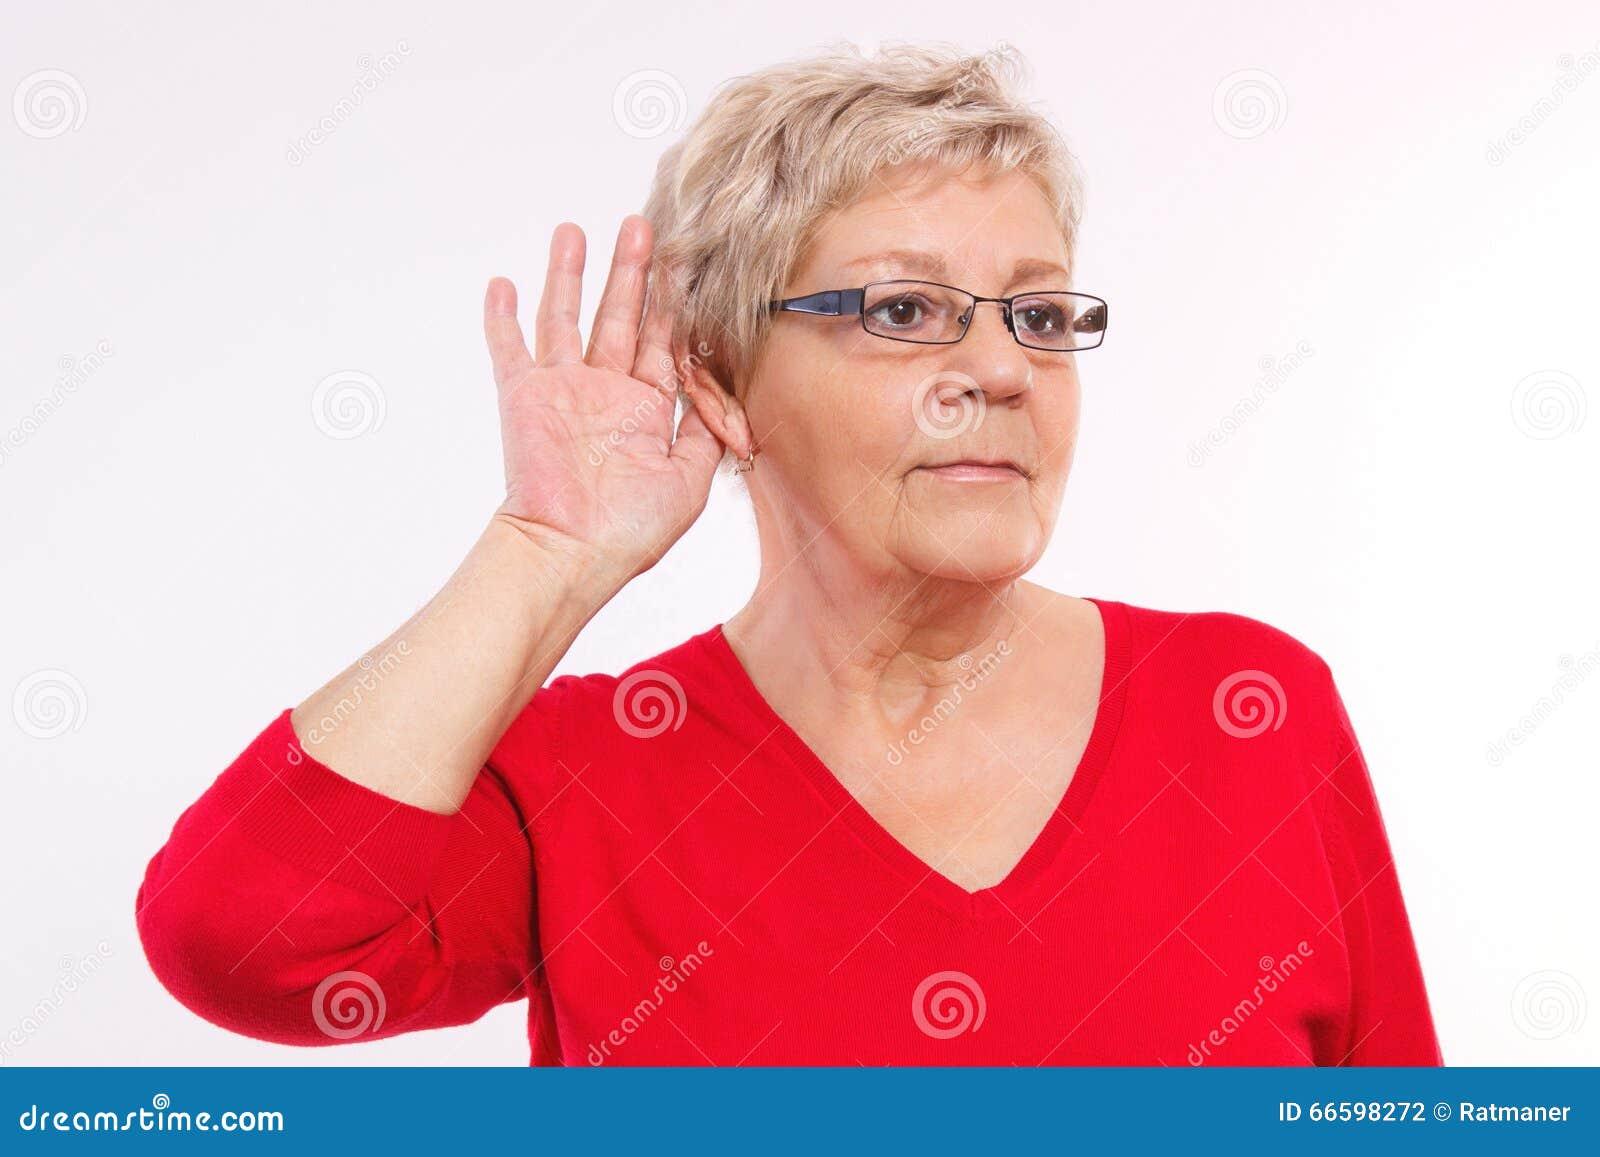 Ηλικιωμένη γυναίκα που τοποθετεί το χέρι στο αυτί, δυσκολία στην ακρόαση στη μεγάλη ηλικία